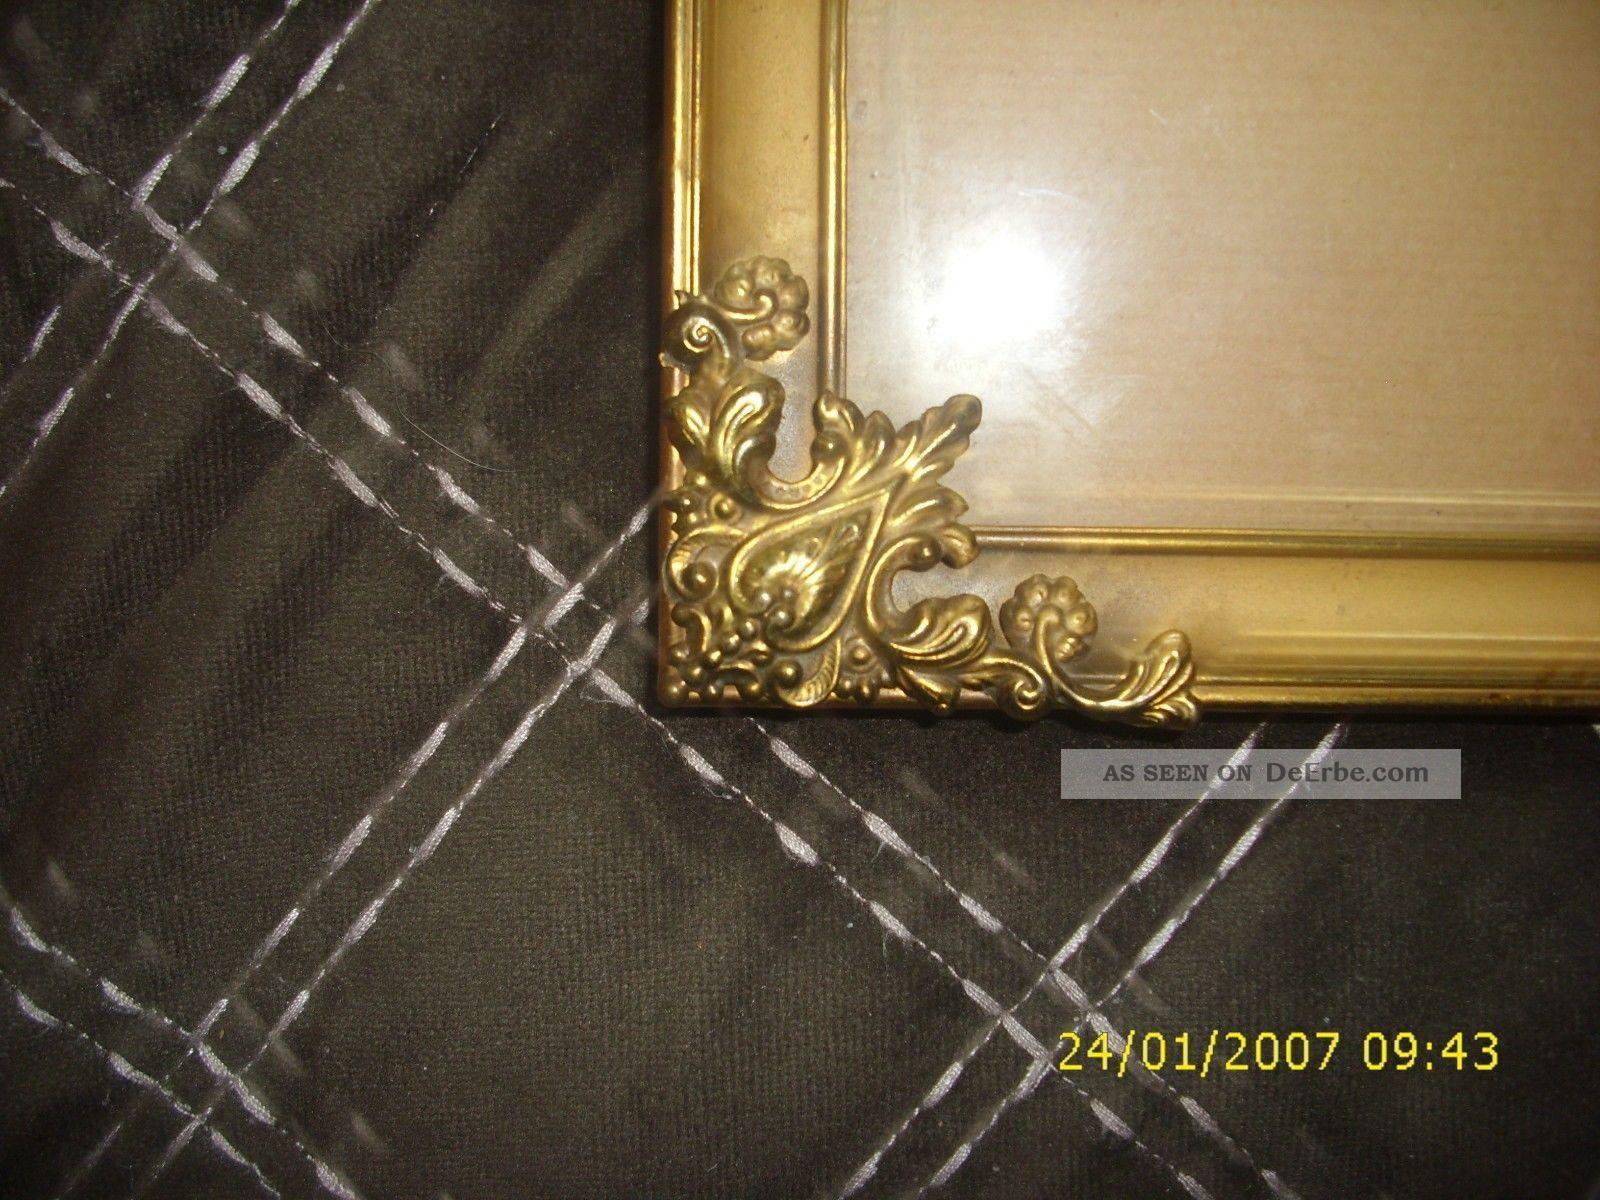 antiker bilderrahmen foto rahmen gew lbtes glas sehr alt barock kupfer gold. Black Bedroom Furniture Sets. Home Design Ideas